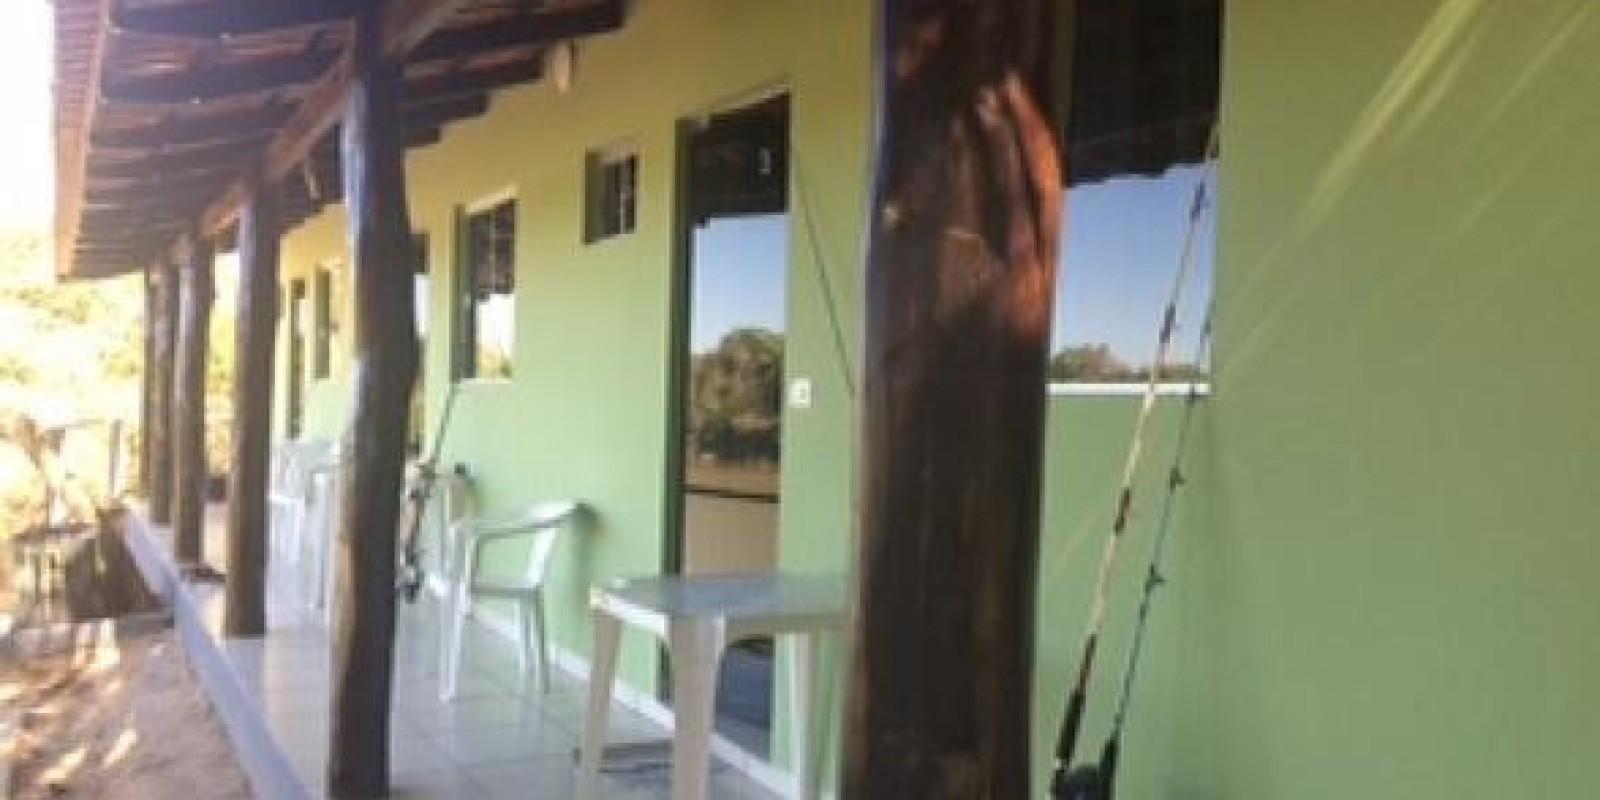 Pousada do Gian - Rio Araguaia e Cristalino - Foto 16 de 20